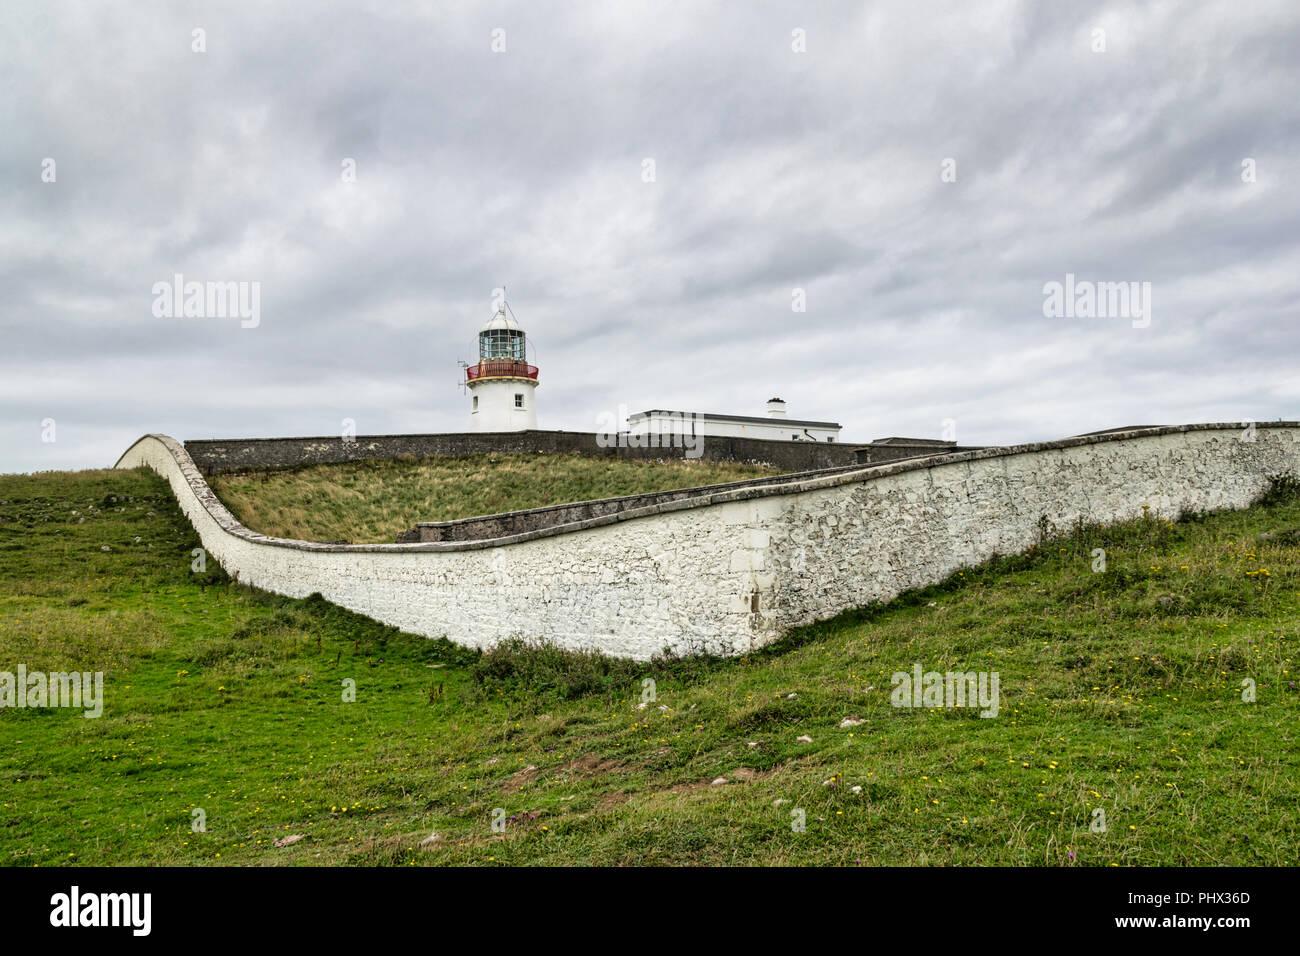 Esta es una imagen del faro Tullymore en Donegal, Irlanda Foto de stock